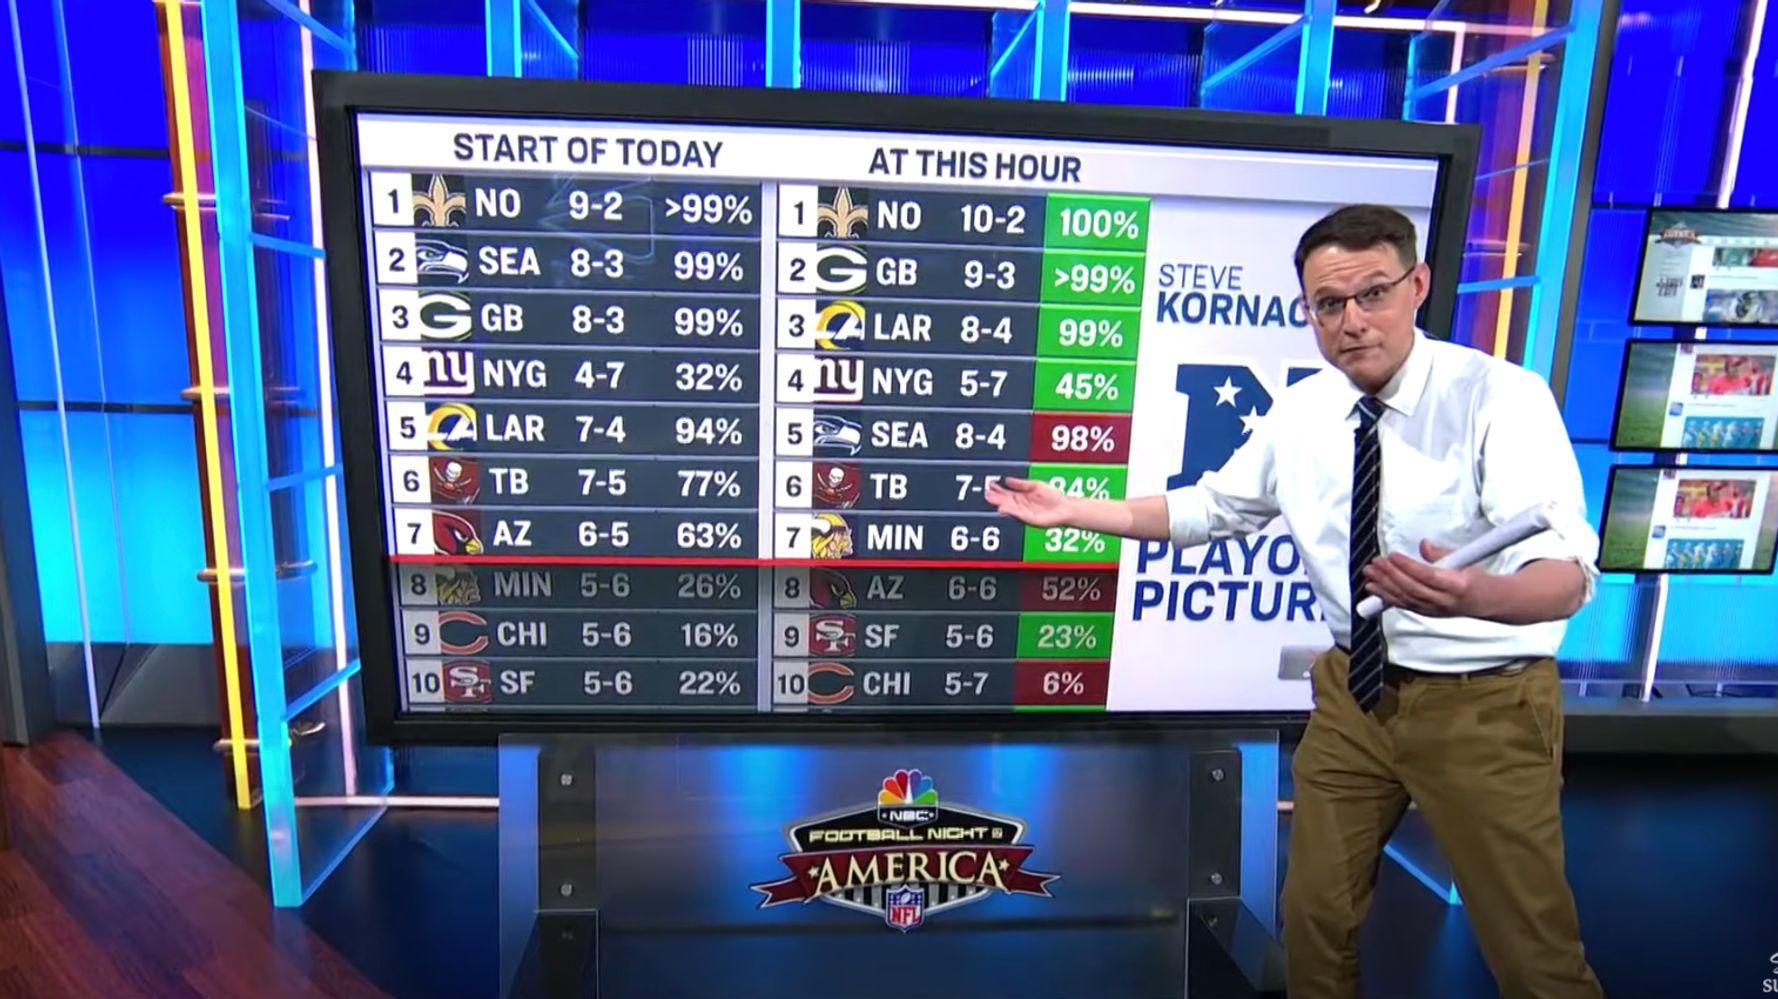 Steve Kornacki's 'Sunday Night Football' Debut Has Election Twitter Going Wild